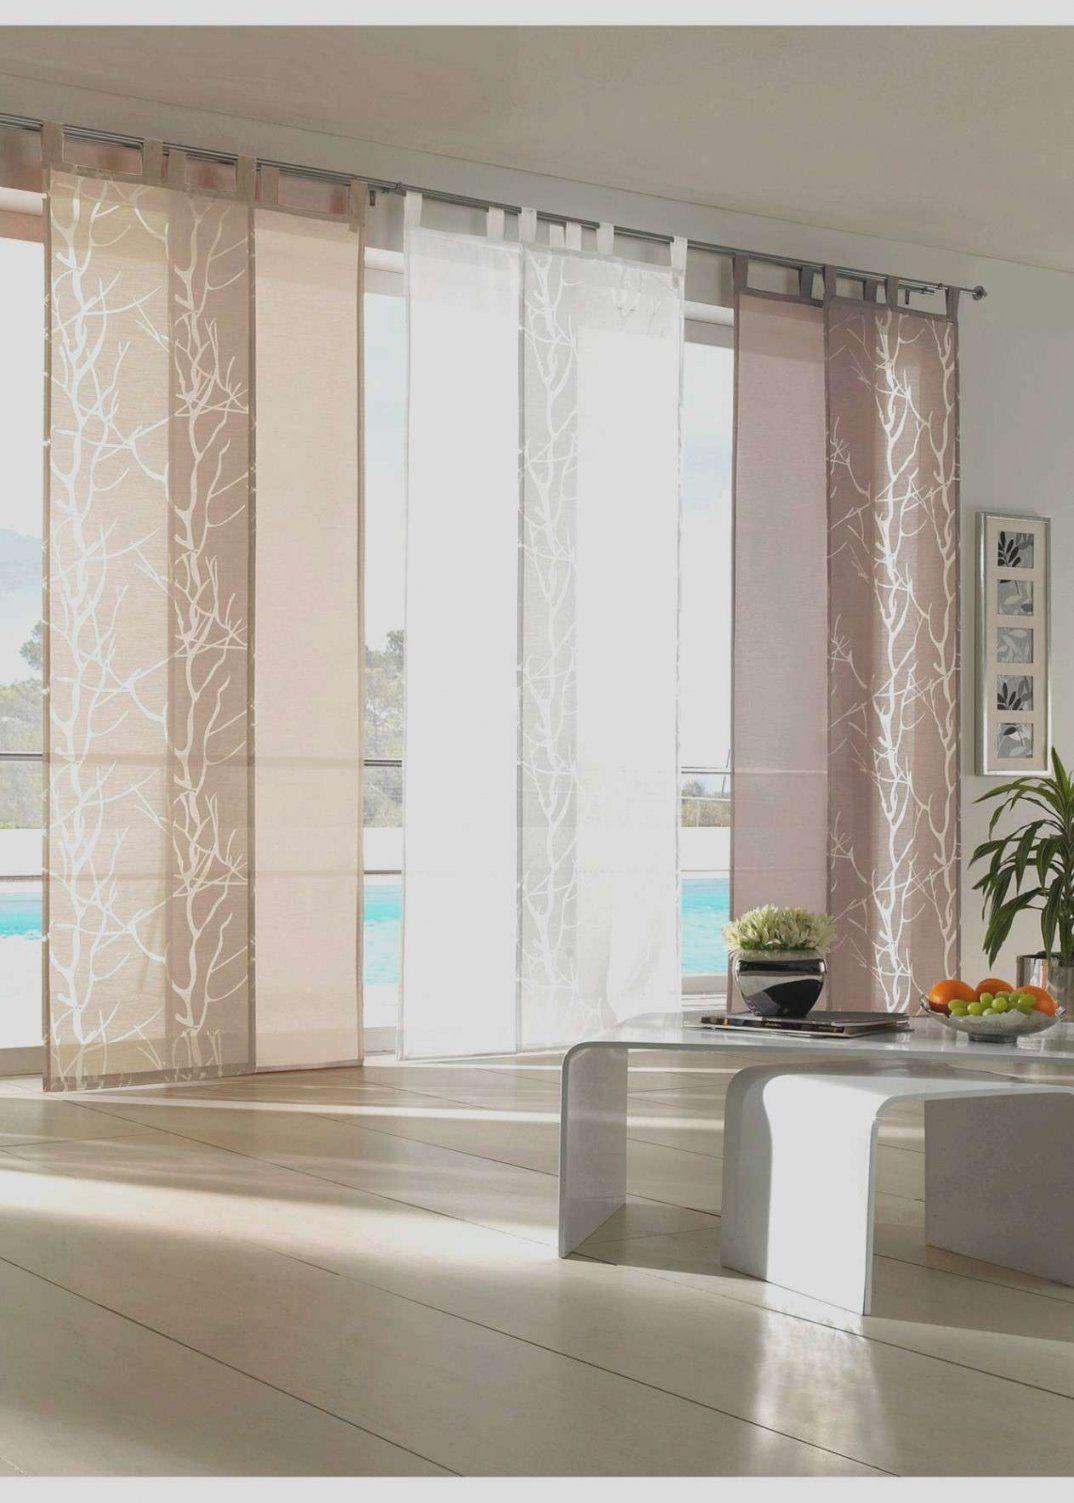 47 Gardinen Modern Wohnzimmer Inspiration Von Kurze Gardinen von Kurze Gardinen Wohnzimmer Photo